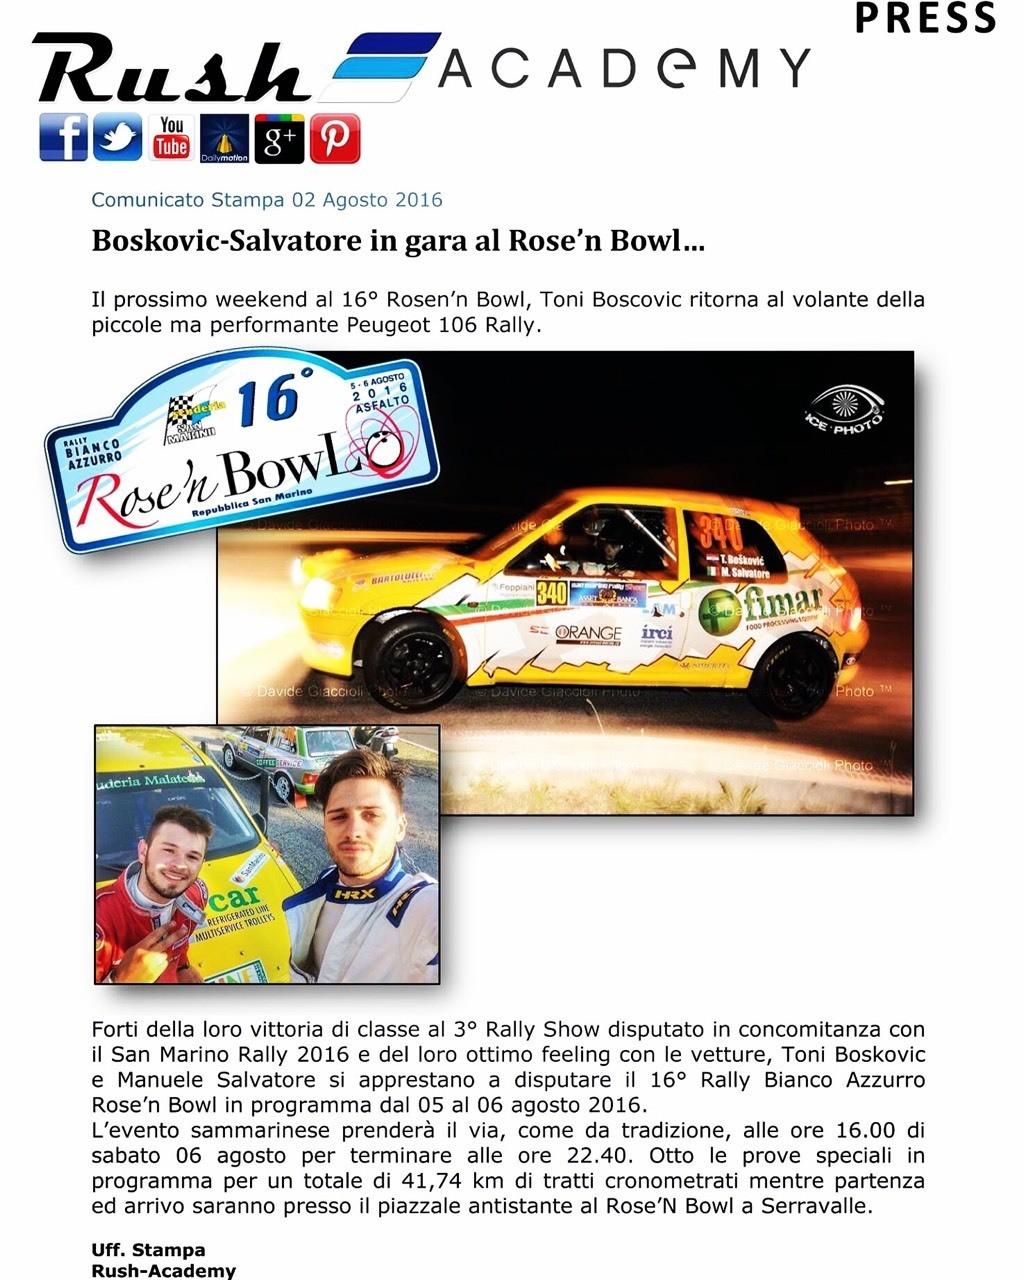 Comunicato Stampa 02 Agosto 2016 Boskovic-Salvatore in gara al Rose'n Bowl… Il prossimo weekend al 16° Rosen'n Bowl, Toni Boscovic ritorna al volante della piccola ma performante Peugeot 106 Rally.